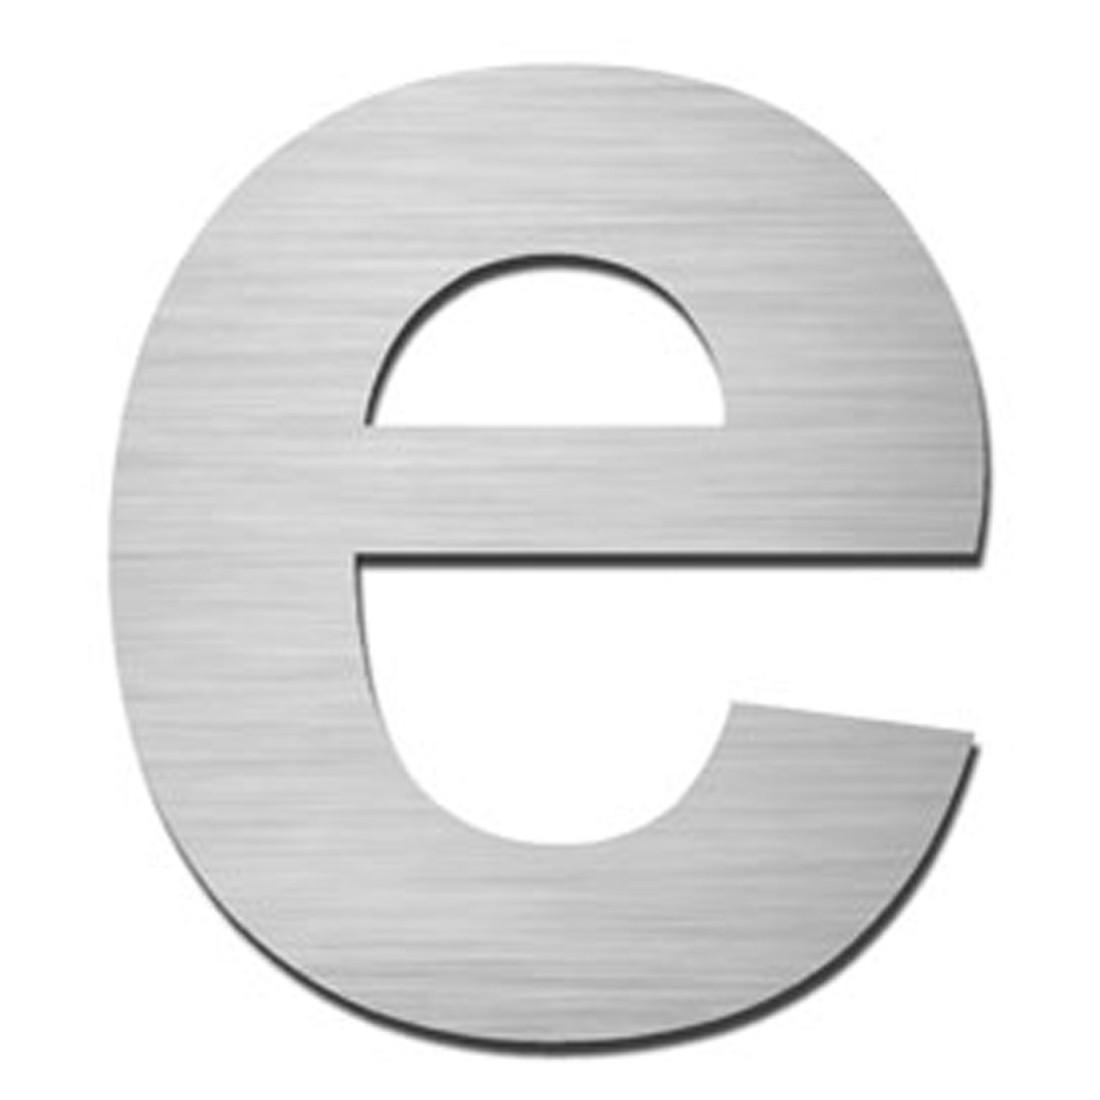 Hausnummer Index zum Aufschrauben e - Matt Gebürstet Edelstahl Silber, Serafini